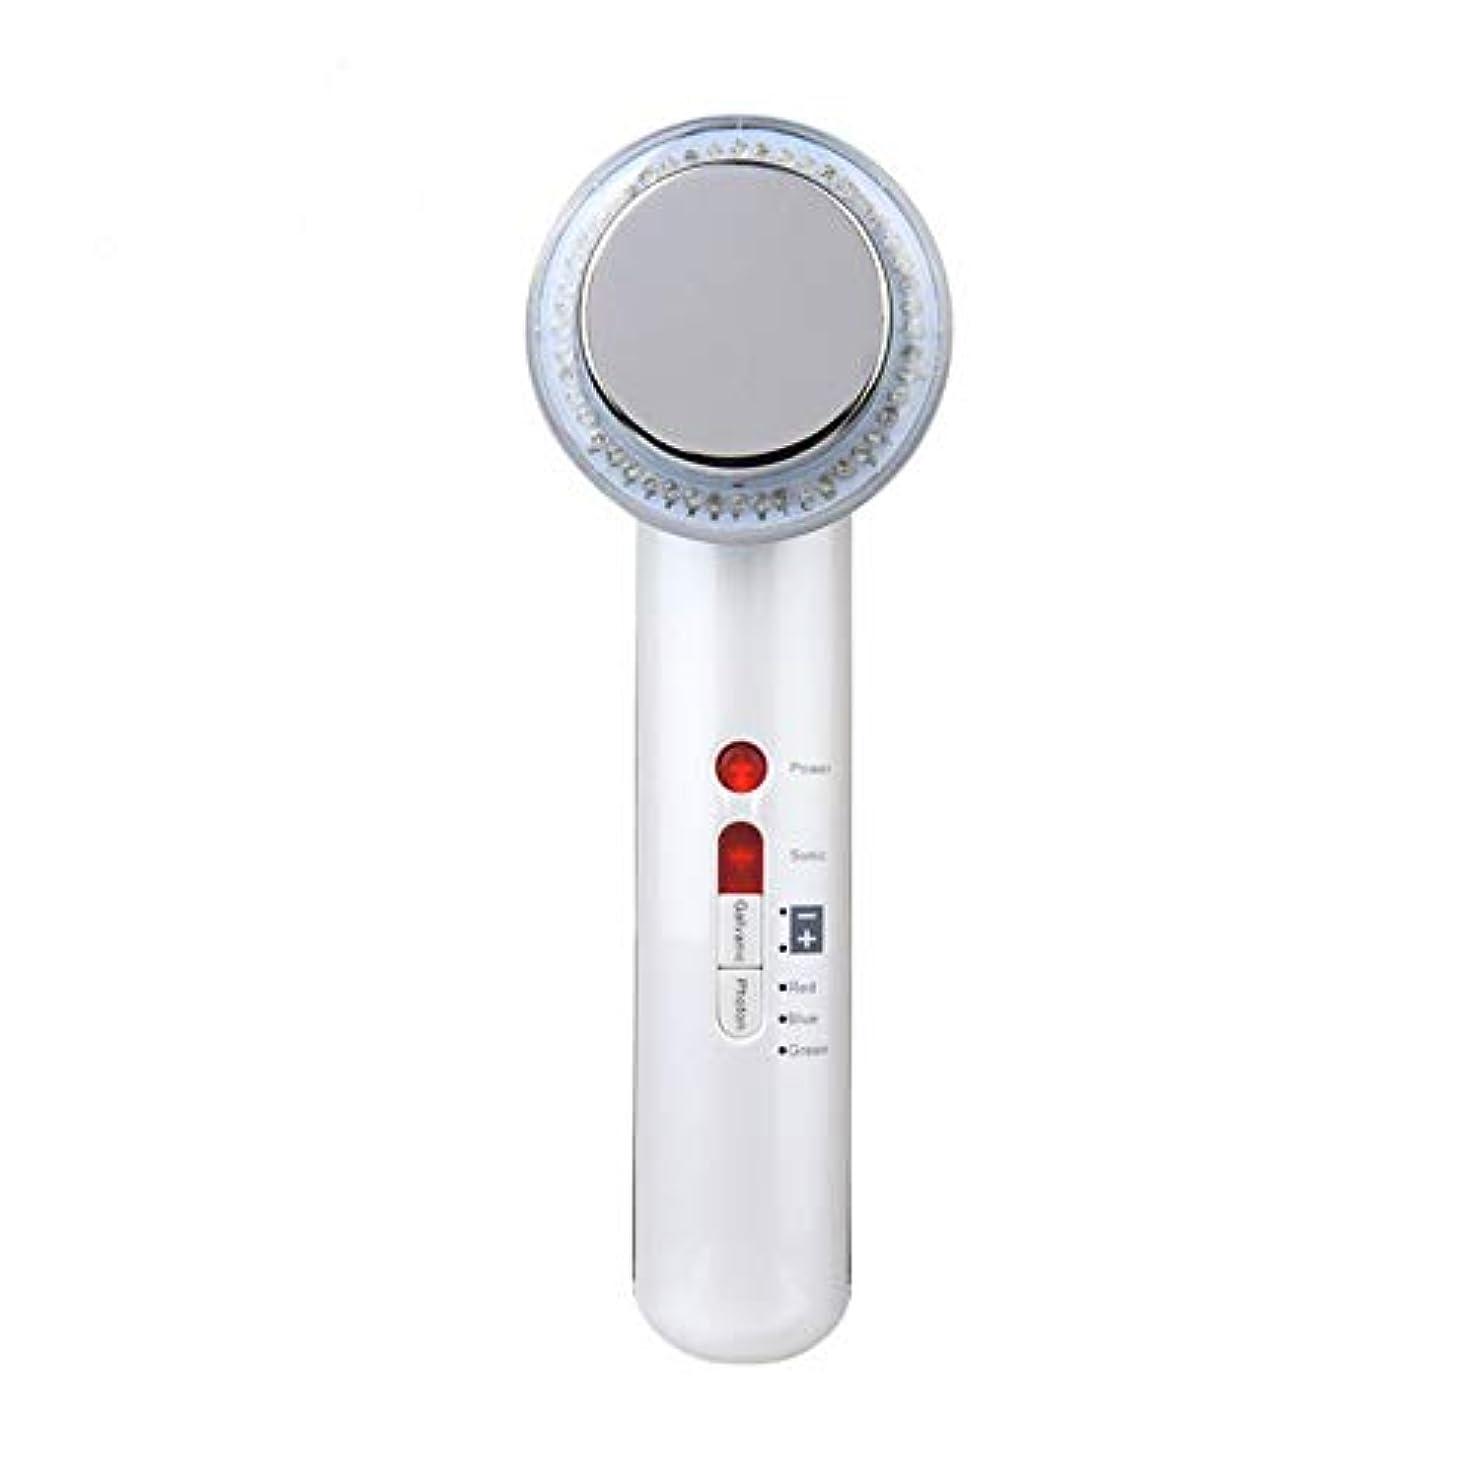 超音波美容器、高周波マスク機、7合1超音波赤外線LEDランプ及び6種類の顔ケア洗顔器、しわ除去、シワ防止、シワ防止